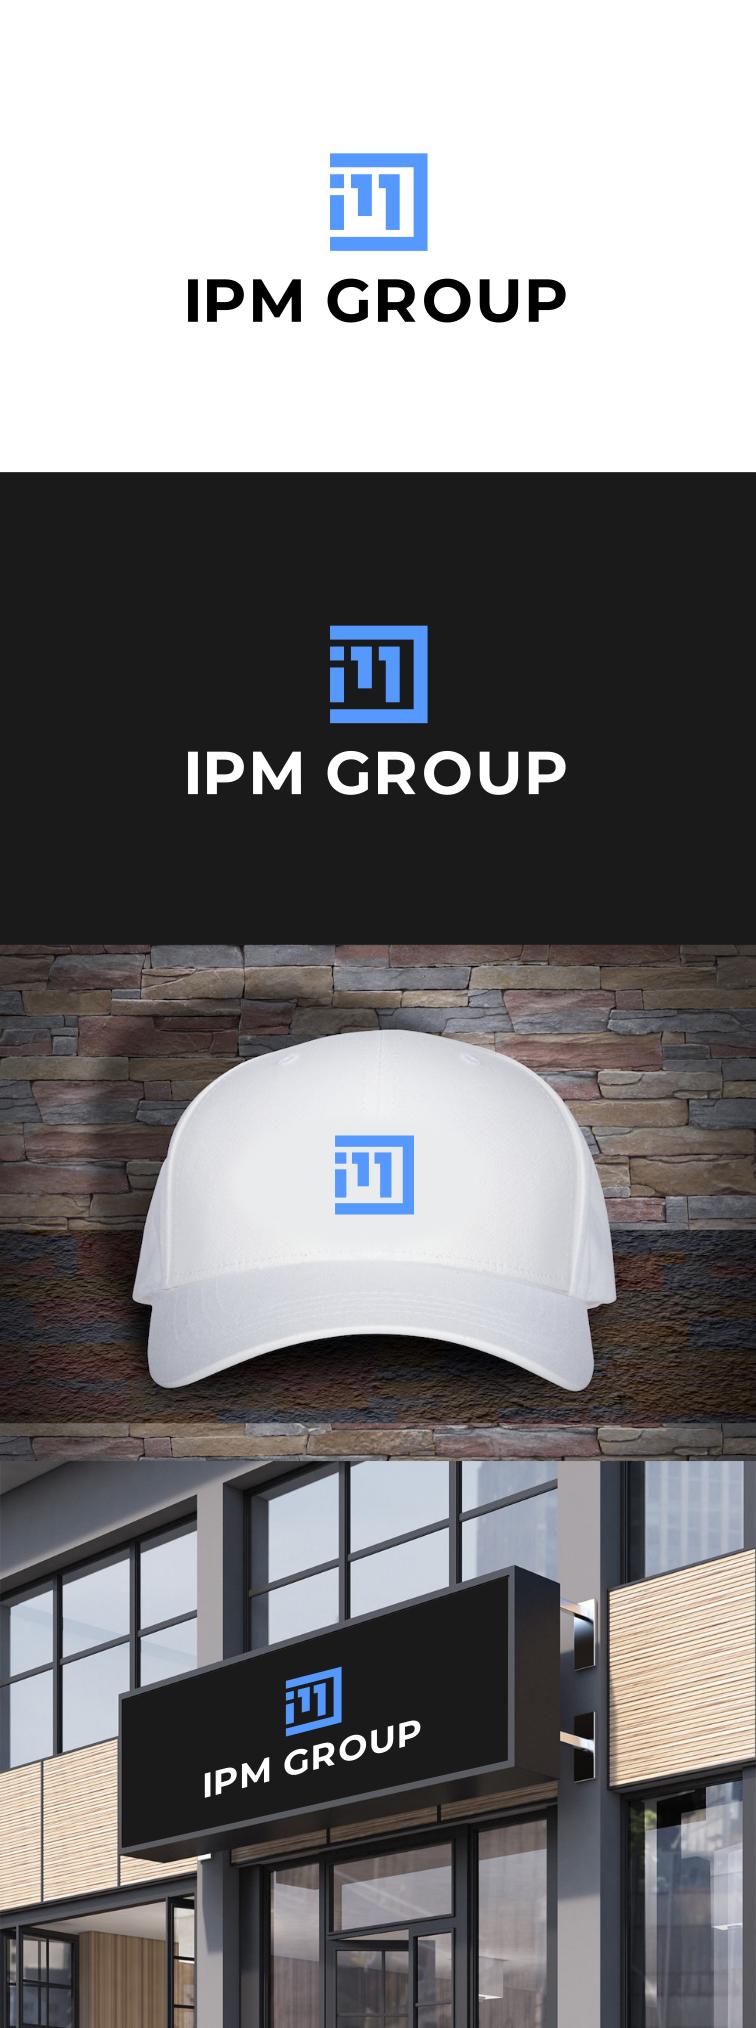 Разработка логотипа для управляющей компании фото f_4425f85796fa6f56.png